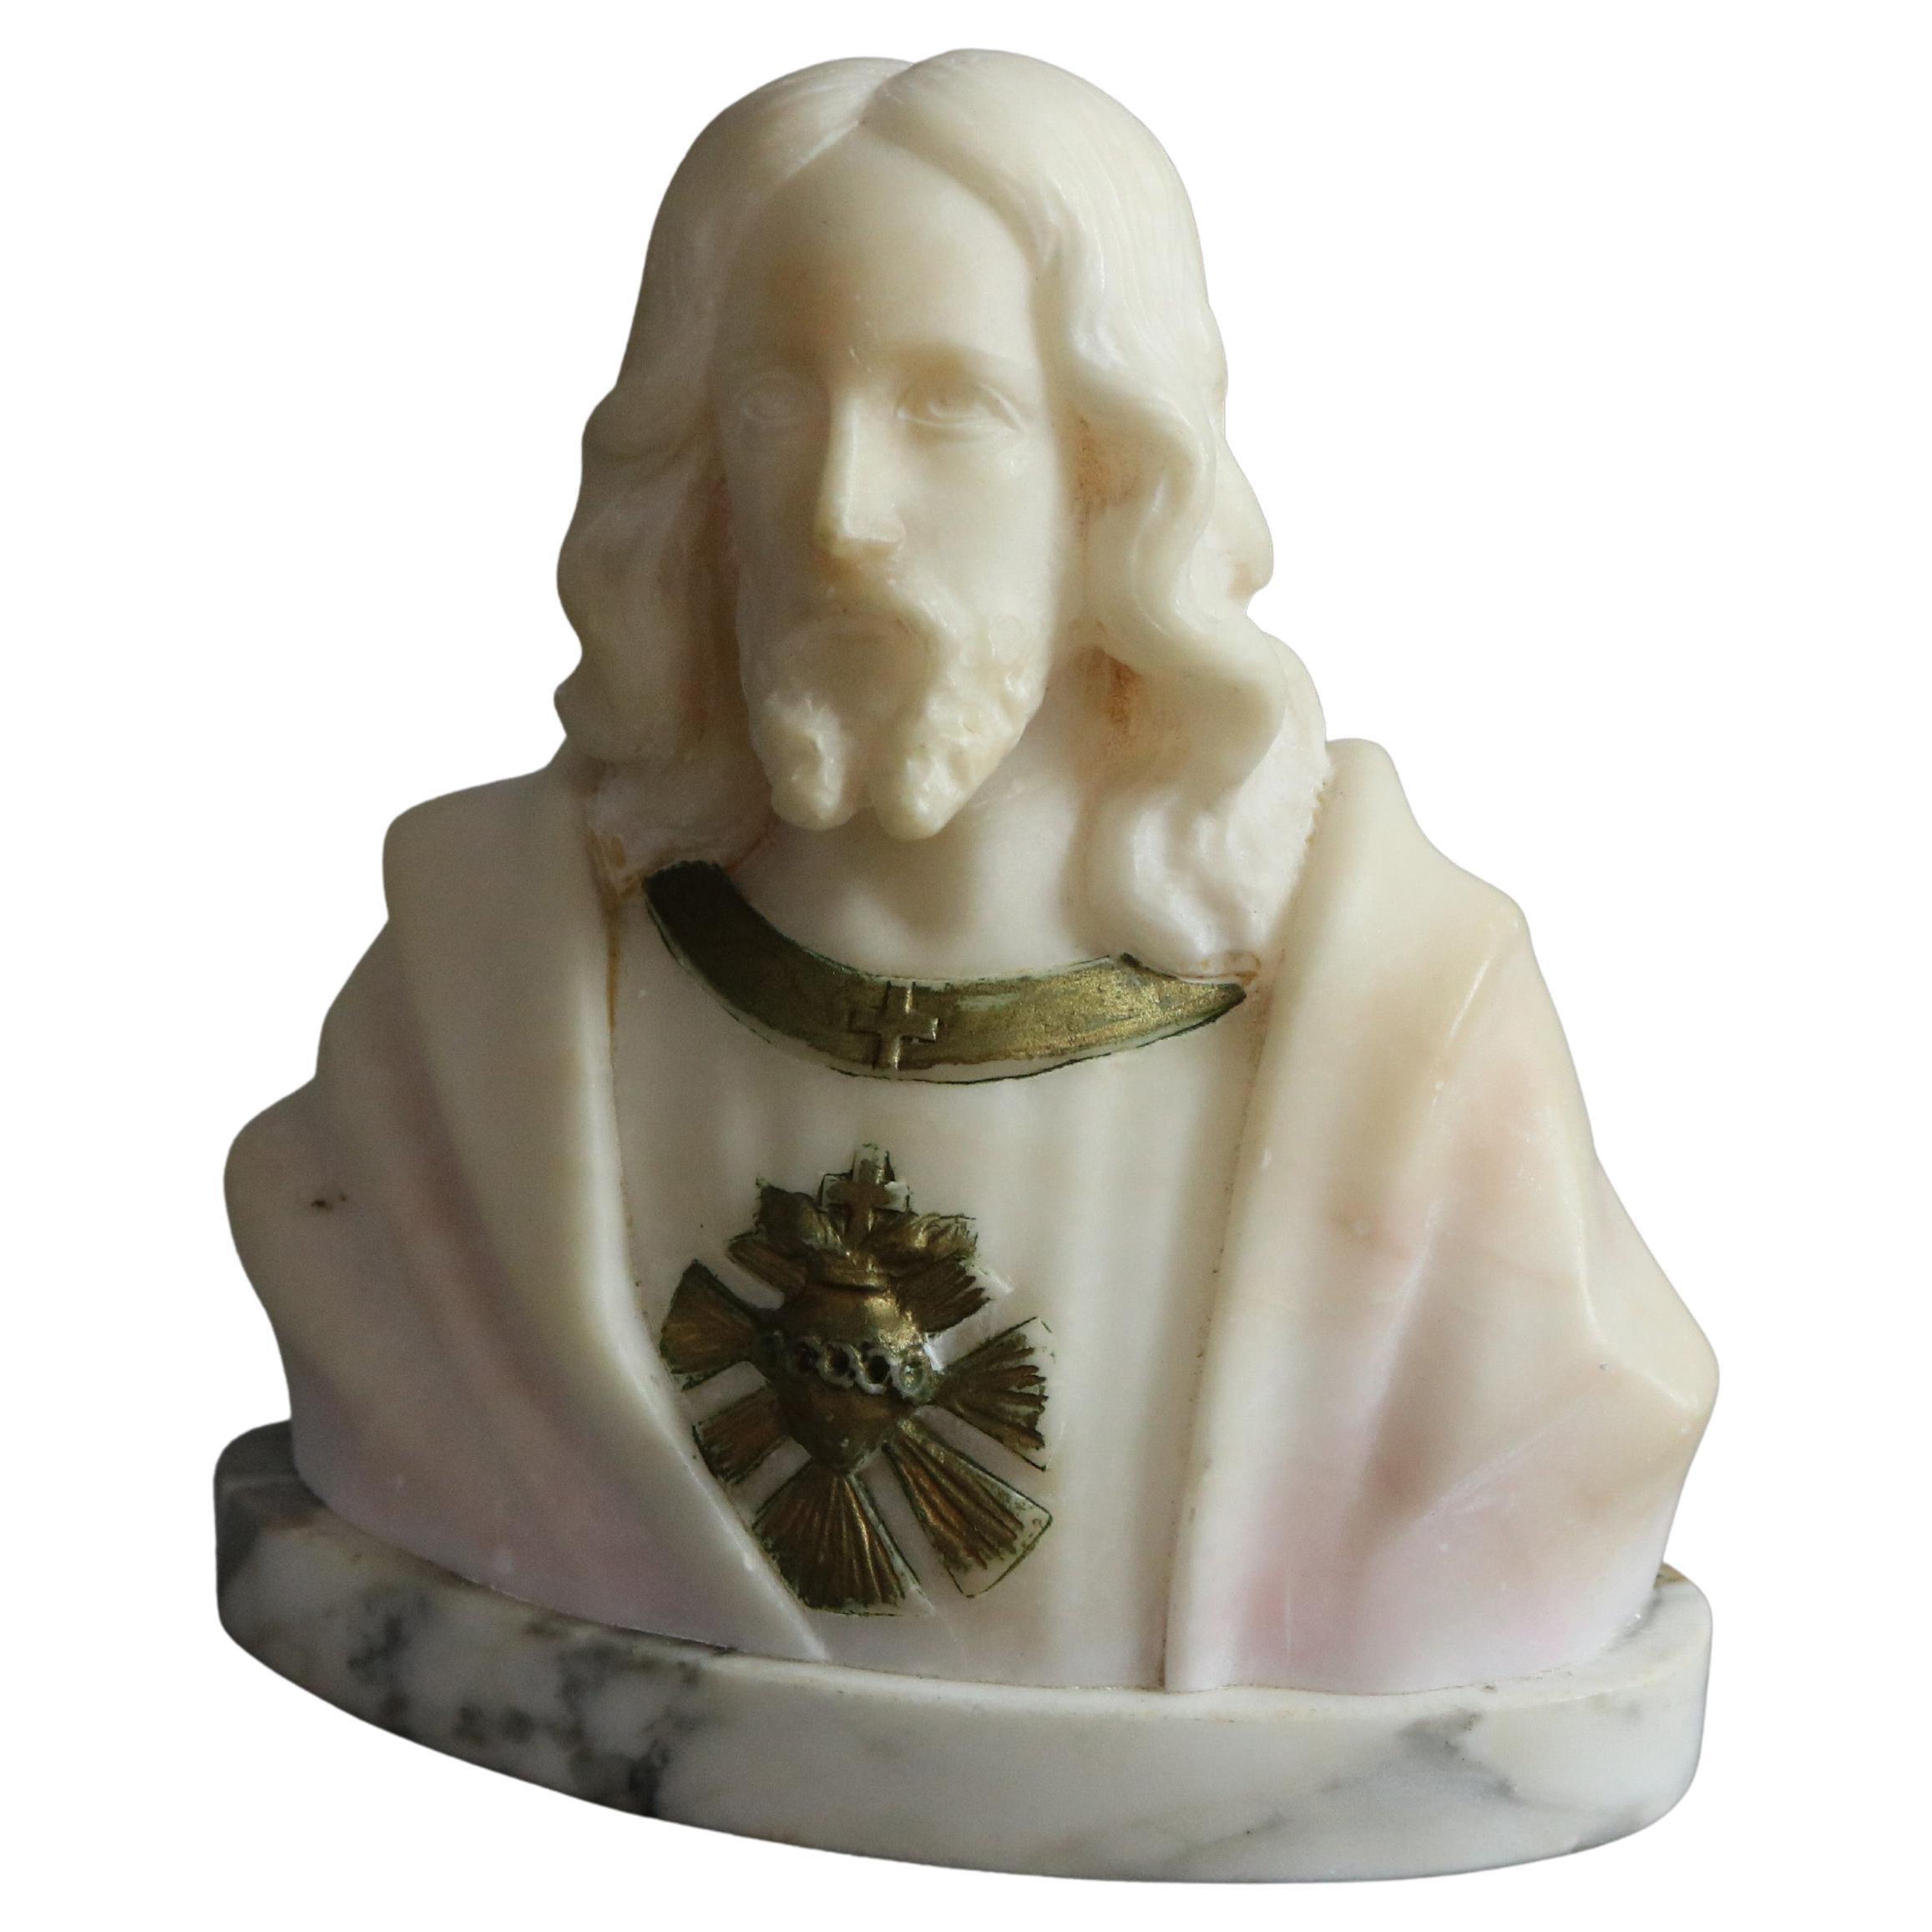 Antique Italian Carved Alabaster Bust Sculpture of Jesus Christ, c1890